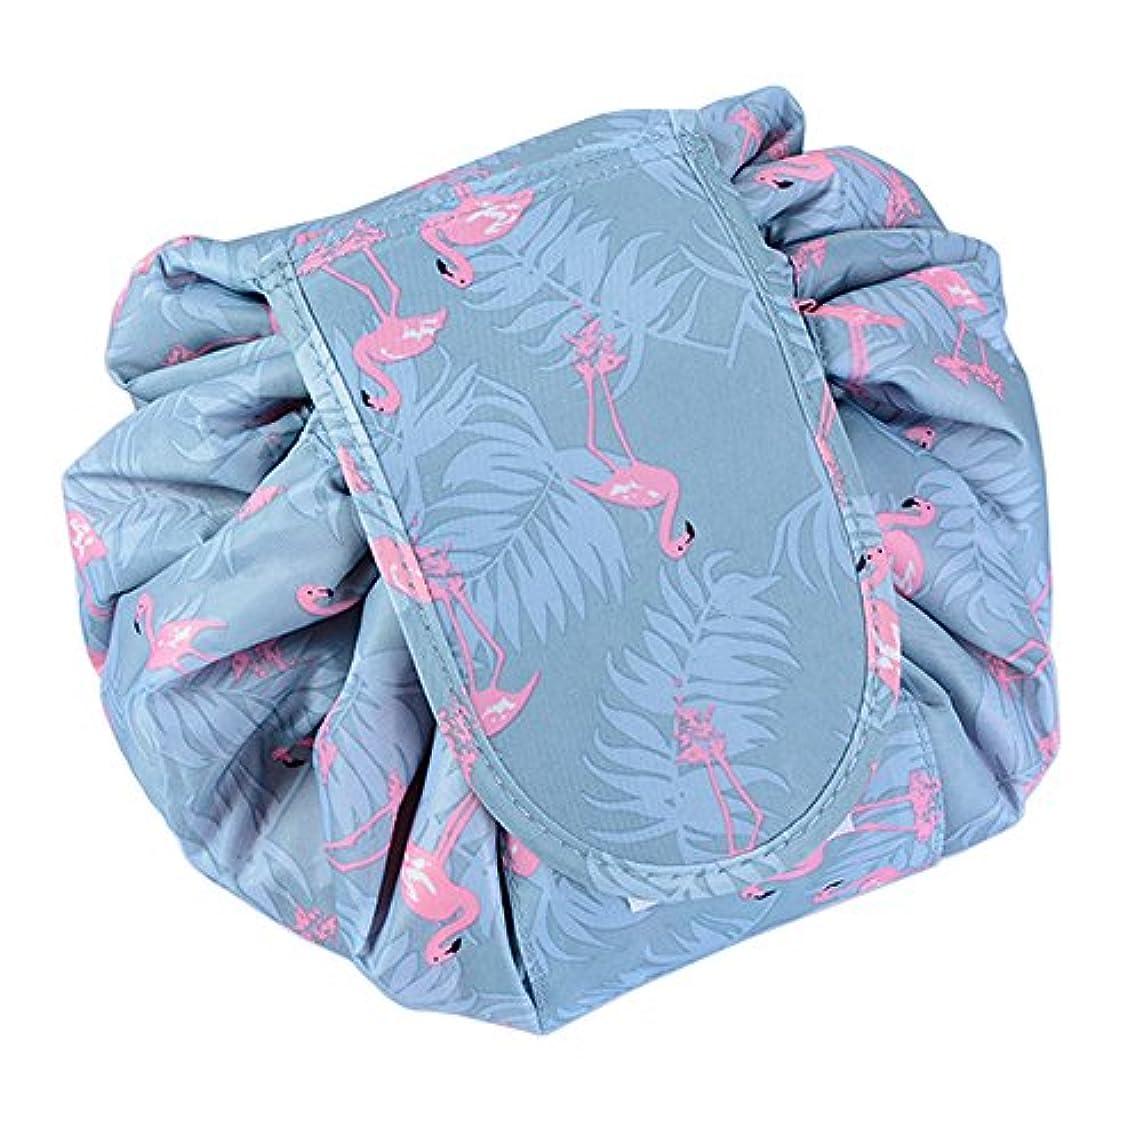 戻す哲学者懐SimonJp メイクポーチ 化粧ポーチ 化粧品収納 収納ポーチ 多機能 大容量 巾着袋 防水 携帯 軽量 旅行 便利 フラミンゴ